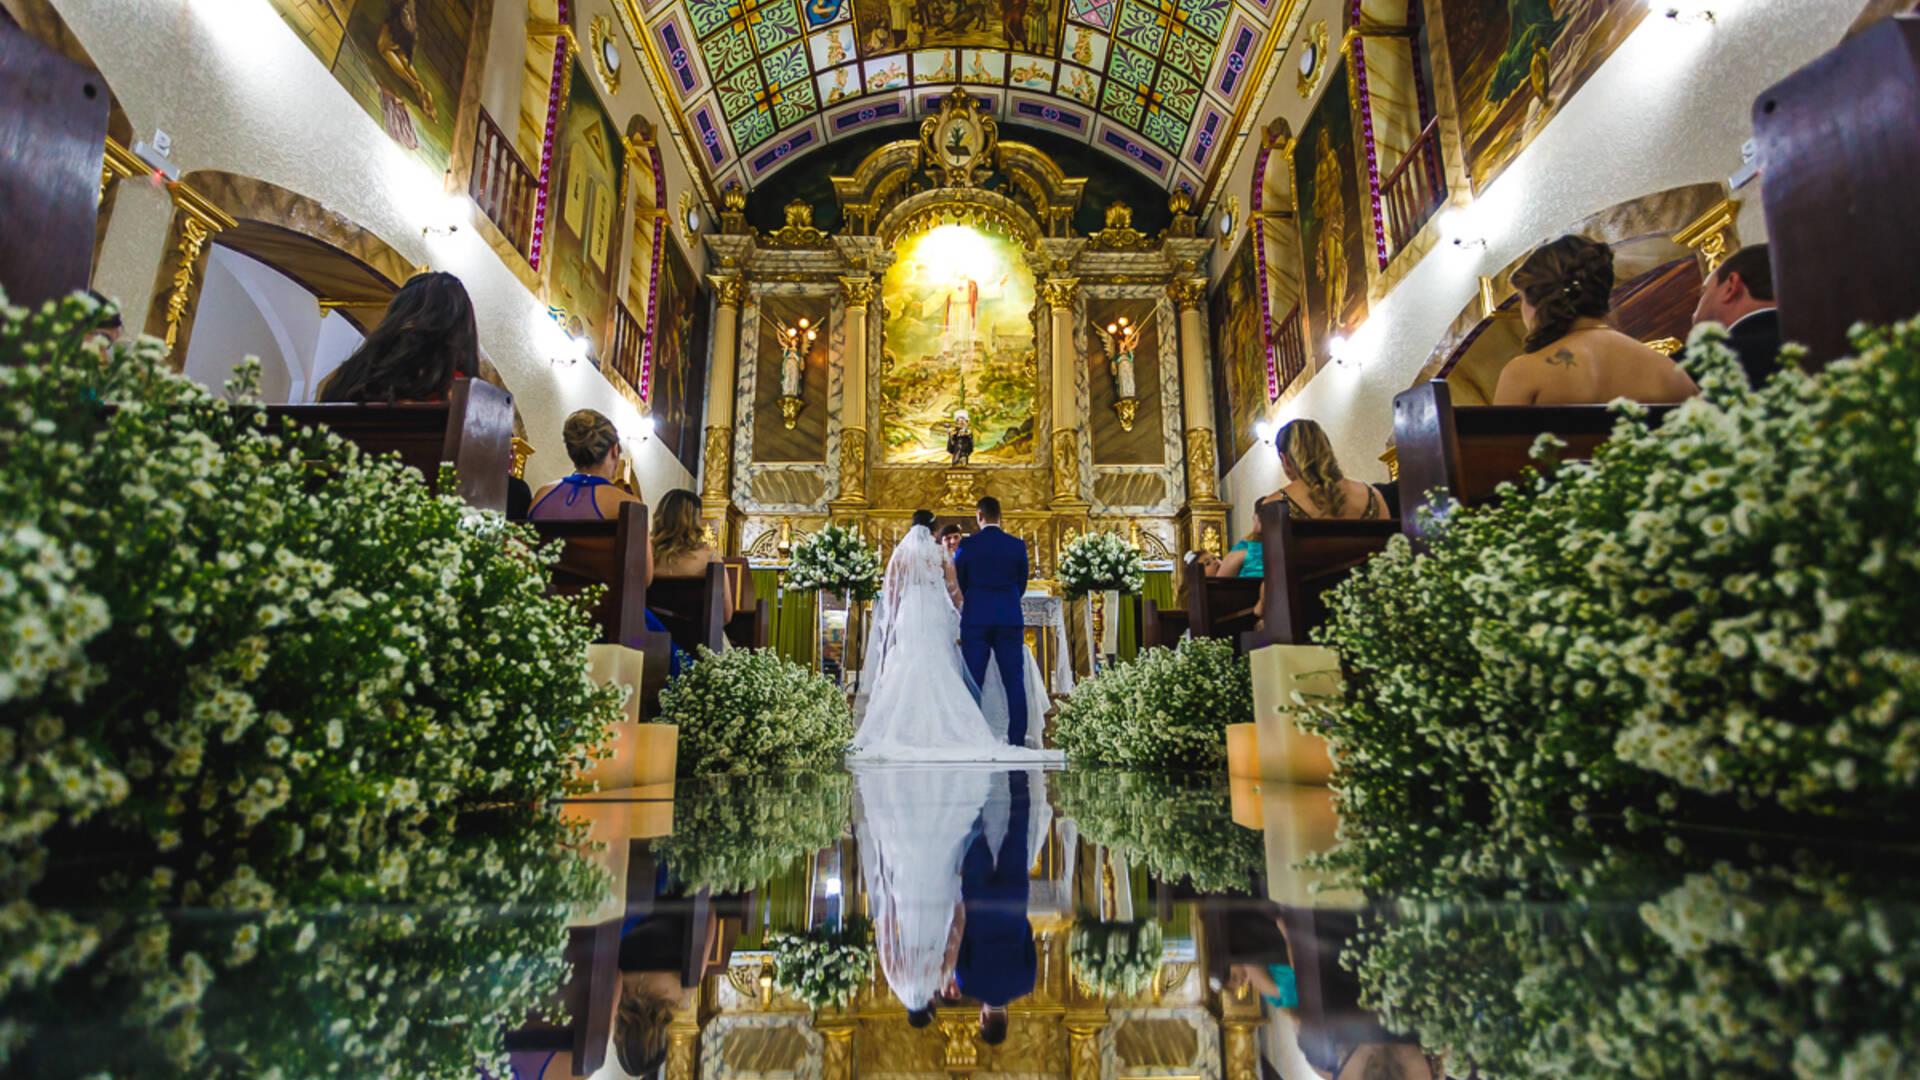 Fotografia de Casamento de 5 Dicas para você contratar o melhor fotografo de Casamento